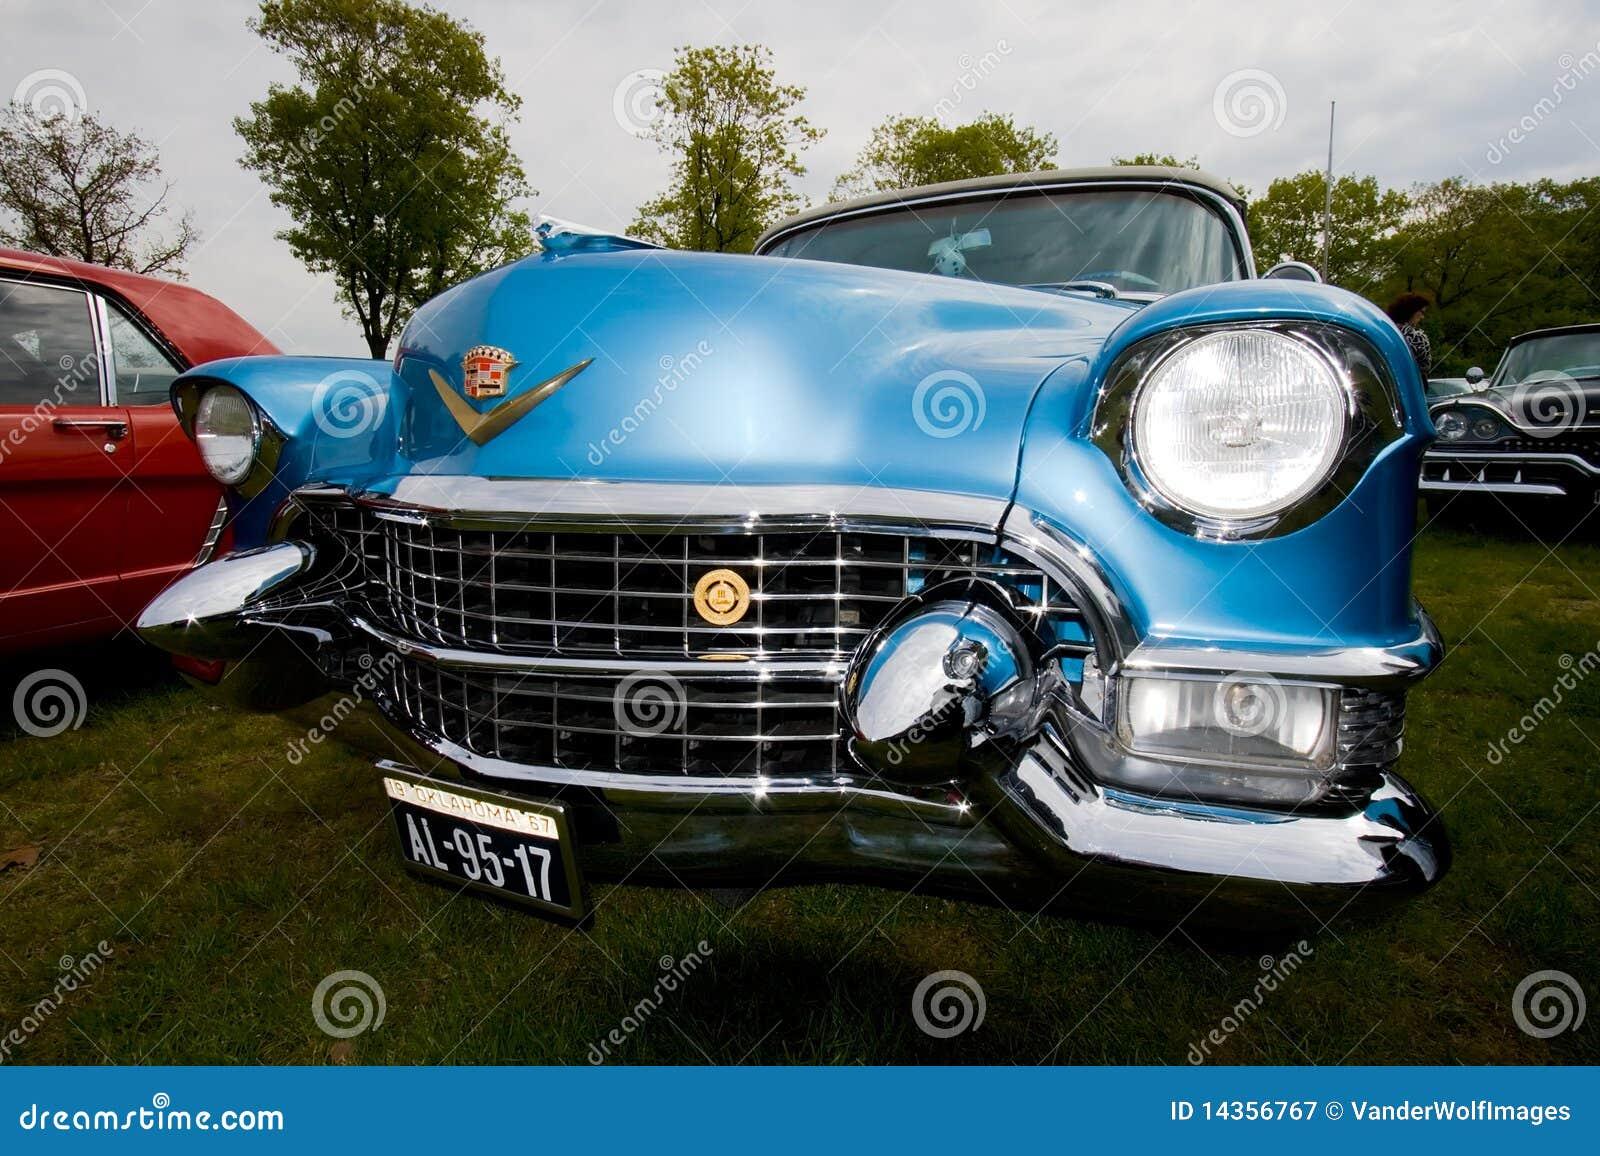 El Dorado Car >> 1955 Cadillac Eldorado Classic Car Editorial Photography - Image: 14356767